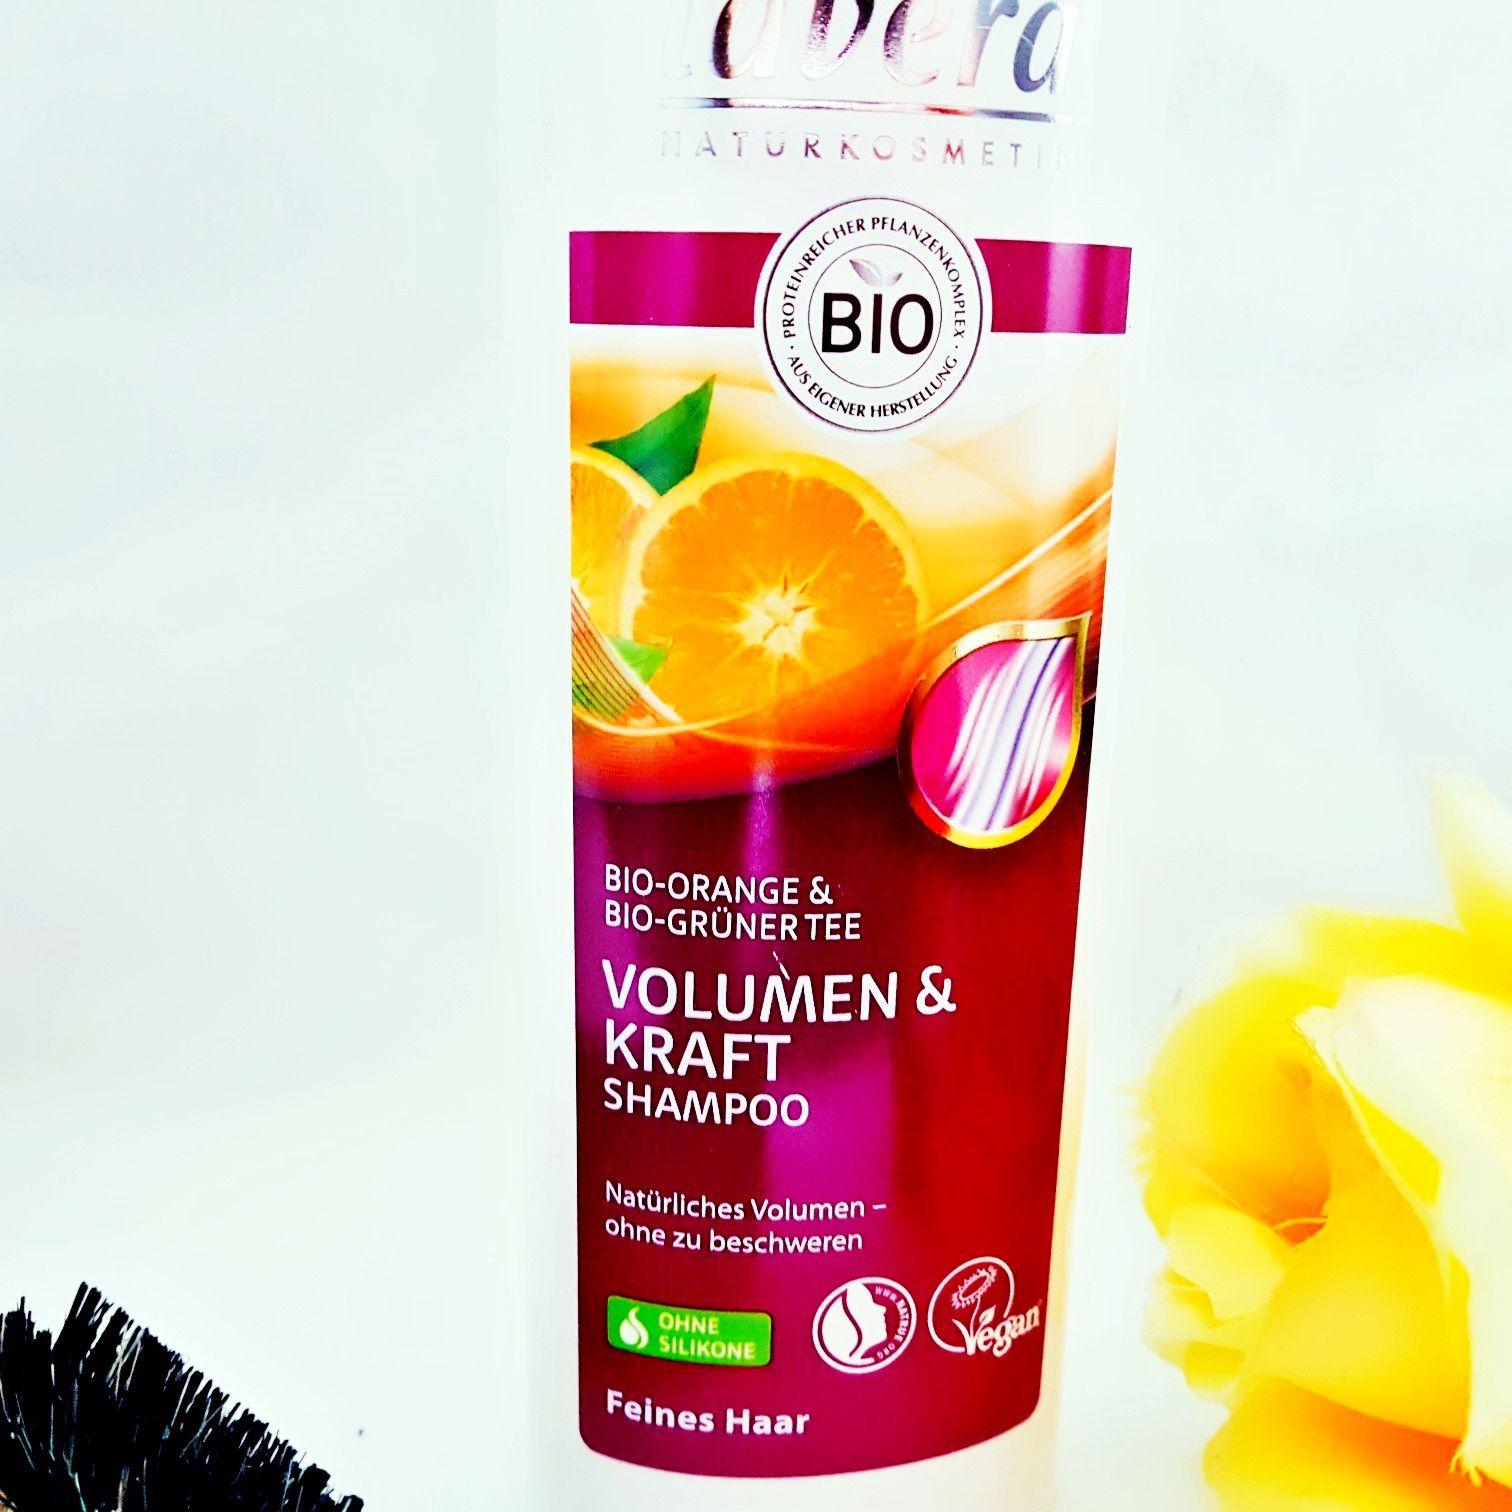 Lavera Volumen & Kraft Shampoo mit Bio-Orange & Bio- Grüner Tee